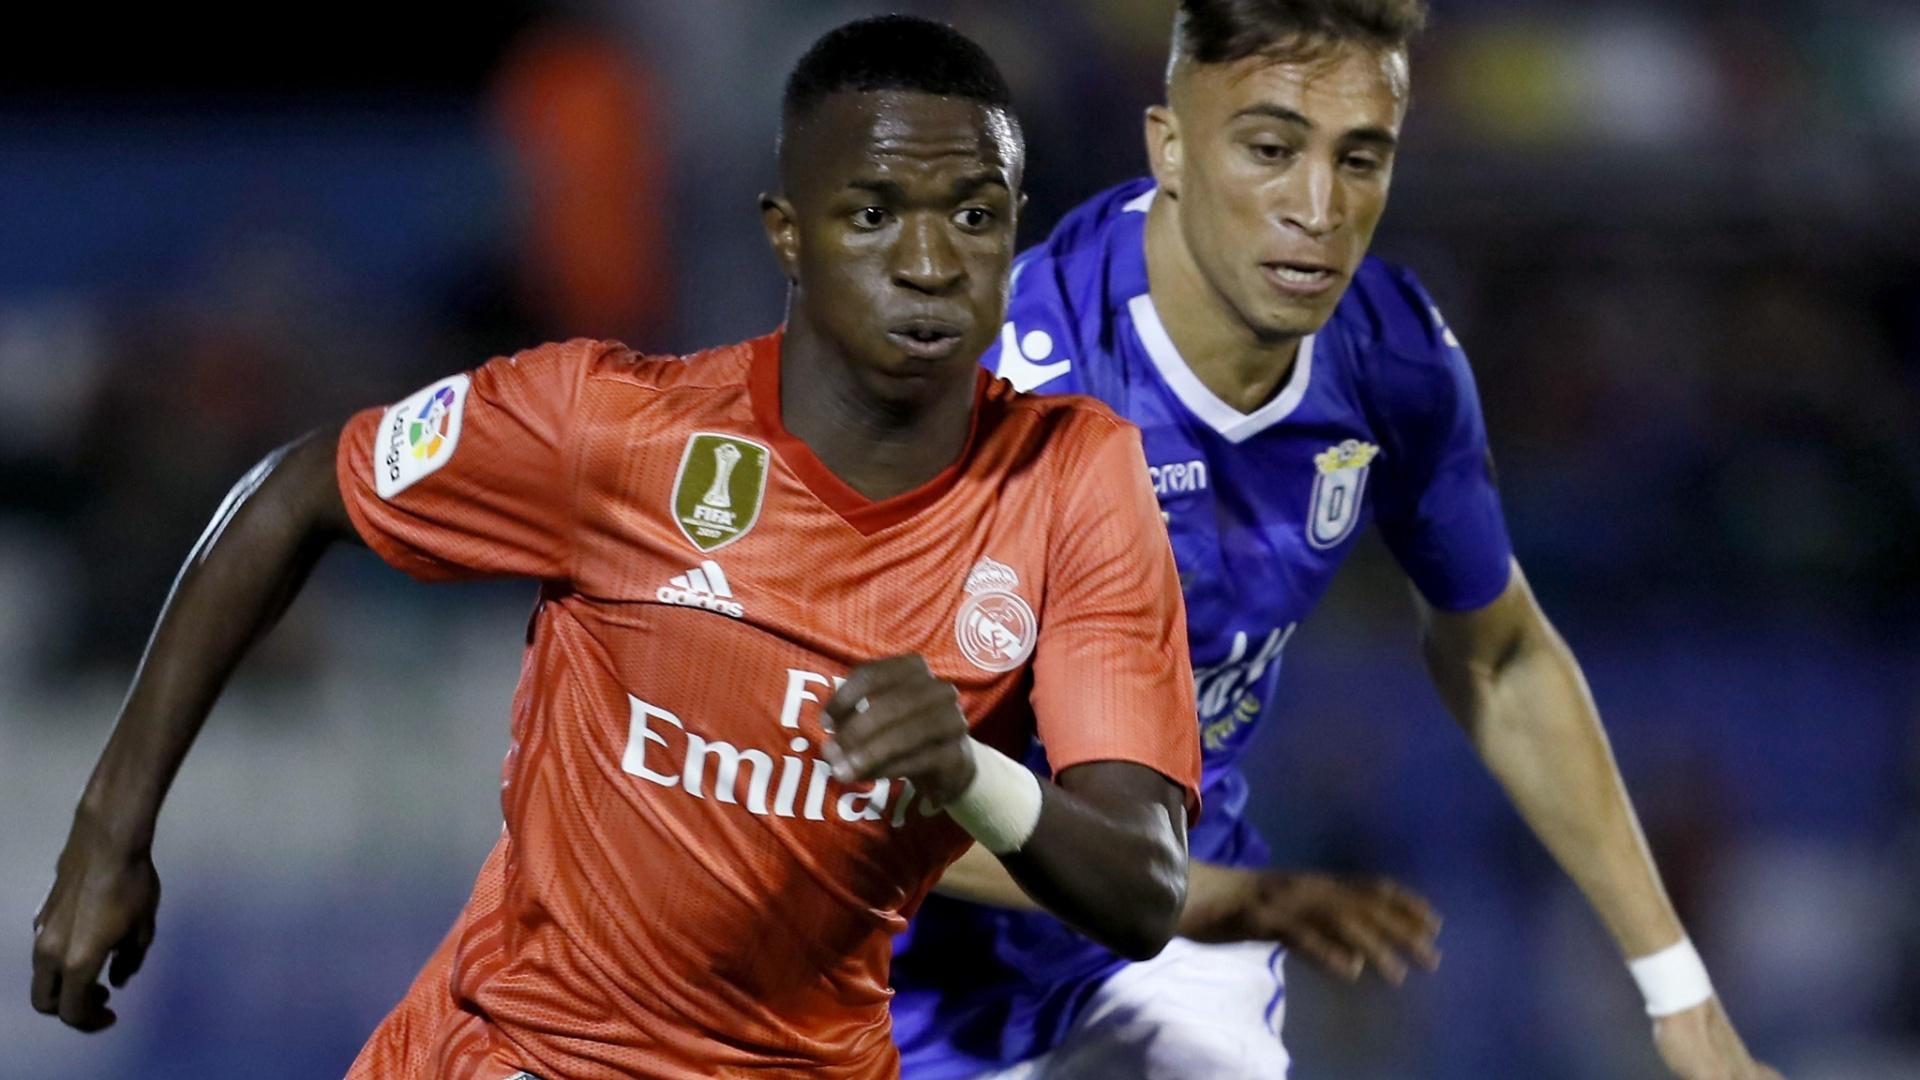 Vinicius Júnior passa pela marcação de Sofian Chakla na partida entre Melilla e Real Madrid